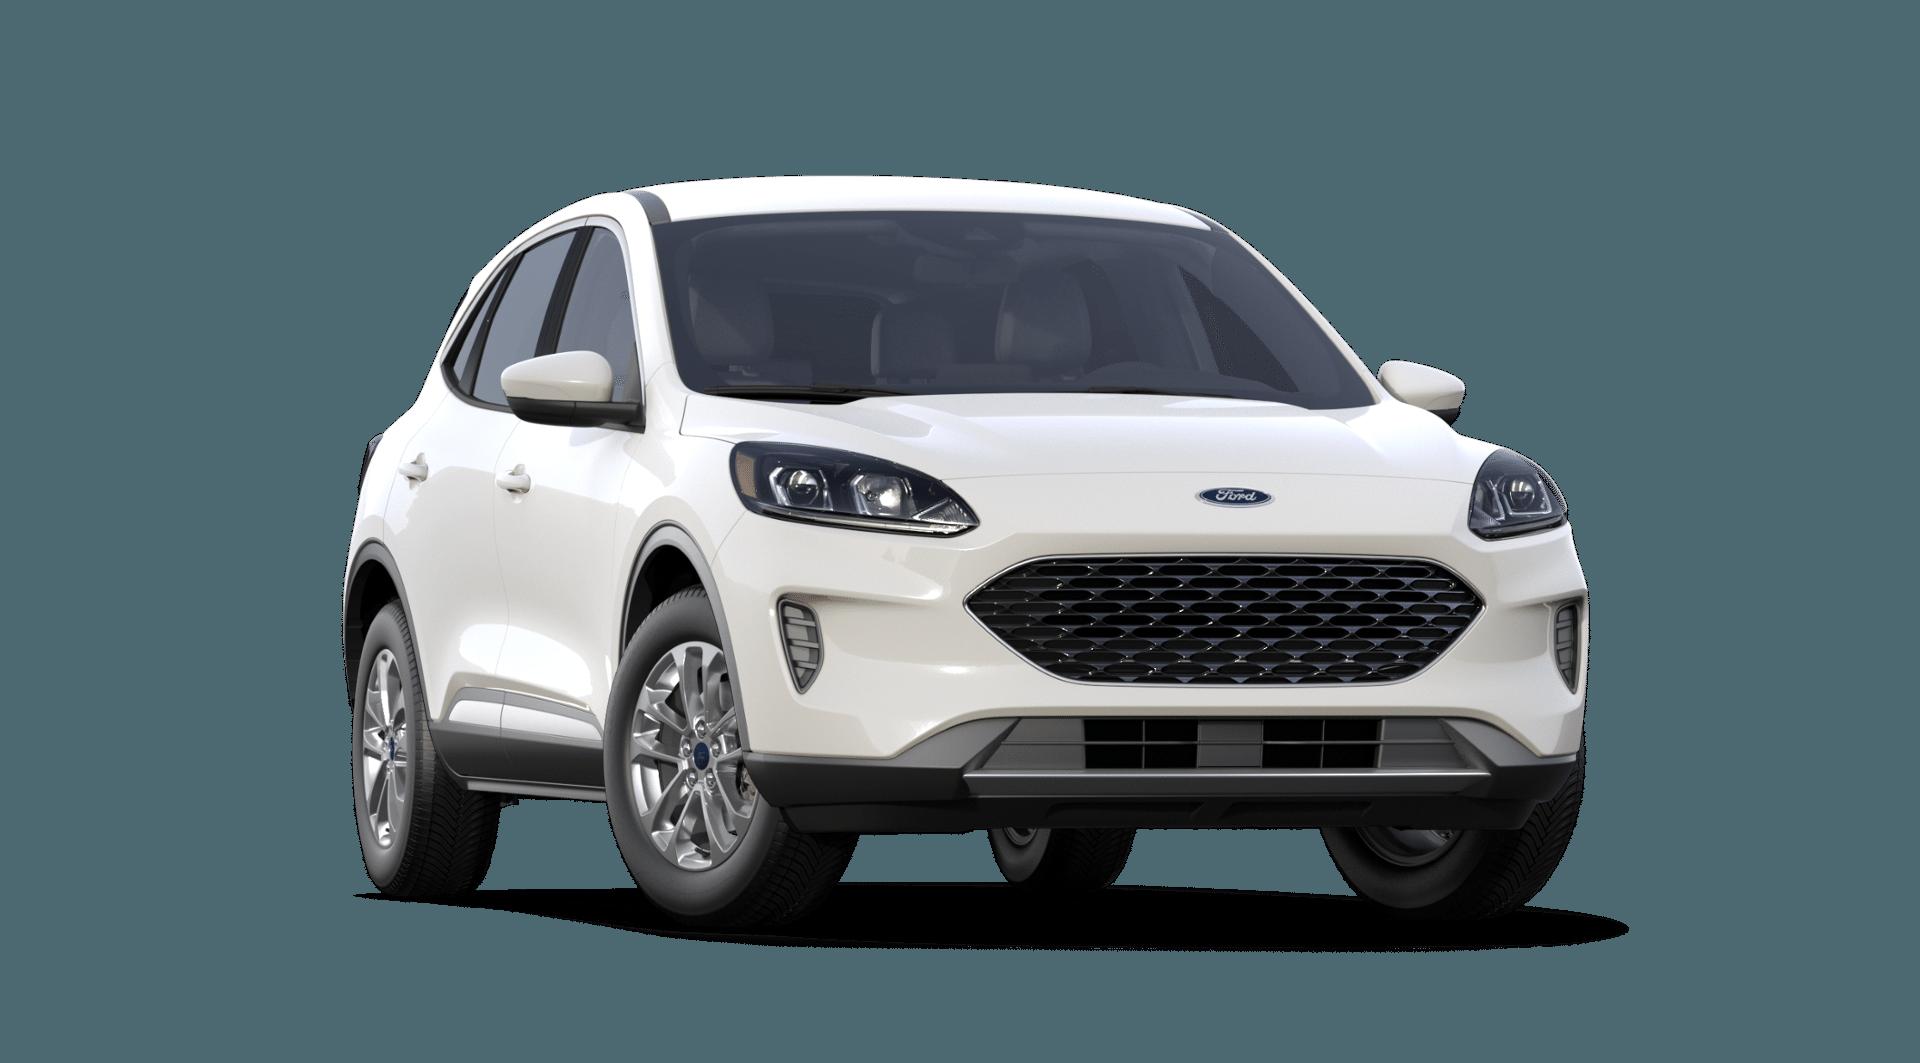 2020 Ford Escape Oxford White